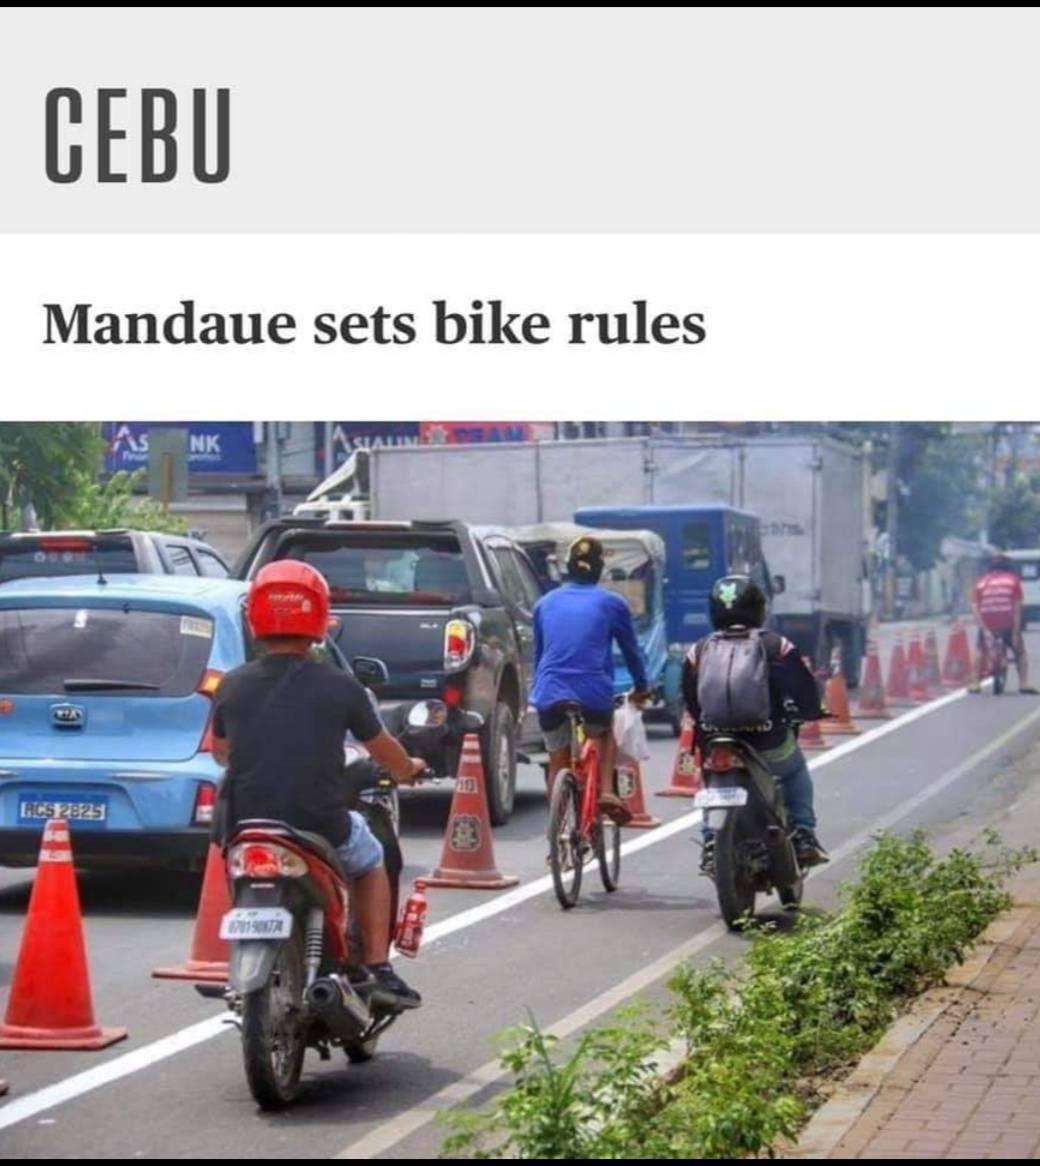 マンダウエ市は既に自転車レーンを設置が完了しており、自転車ユーザーのための以下の安全対策がリリースされています。  1.すべての自転車は通常のシートを取り付ける必要があります。  2.自転車利用者は、自転車に乗るときにヘルメットの使用が義務付けられています。  3.夜間の移動中は、各ペダルの前後に反射板と反射材を使用するか、常にフロントランプを使用してください。  4.バイク同様、荷物は許可されている数を超えて持ち運ばないでください。  (オーバーロードなし)  5.自転車利用者は、歩行者への道の譲歩を含み、交通法を遵守する必要があります。  6.自転車の通行は、逆流をしてはならず、一方通行をして、対向車線に逆らってはいけません。  7.自転車利用時は、最低限片手でハンドルバーを握っていなければなりません。  8.自転車の運転中もソーシャルテディスタンスに気をつけて下さい。  9.安全を確保するために必要な場合はいつでも停止、または方向転換する必要がある場合は、手信号を送り、警告音を発する必要があります。  10.自転車は常に片側の車線を走行し、車間を移動しないでください。  11.オペレーターは、現地の法執行機関に、人身傷害または物的損害を伴う事故を報告する必要があります。  引用元:Sunstar Cebu